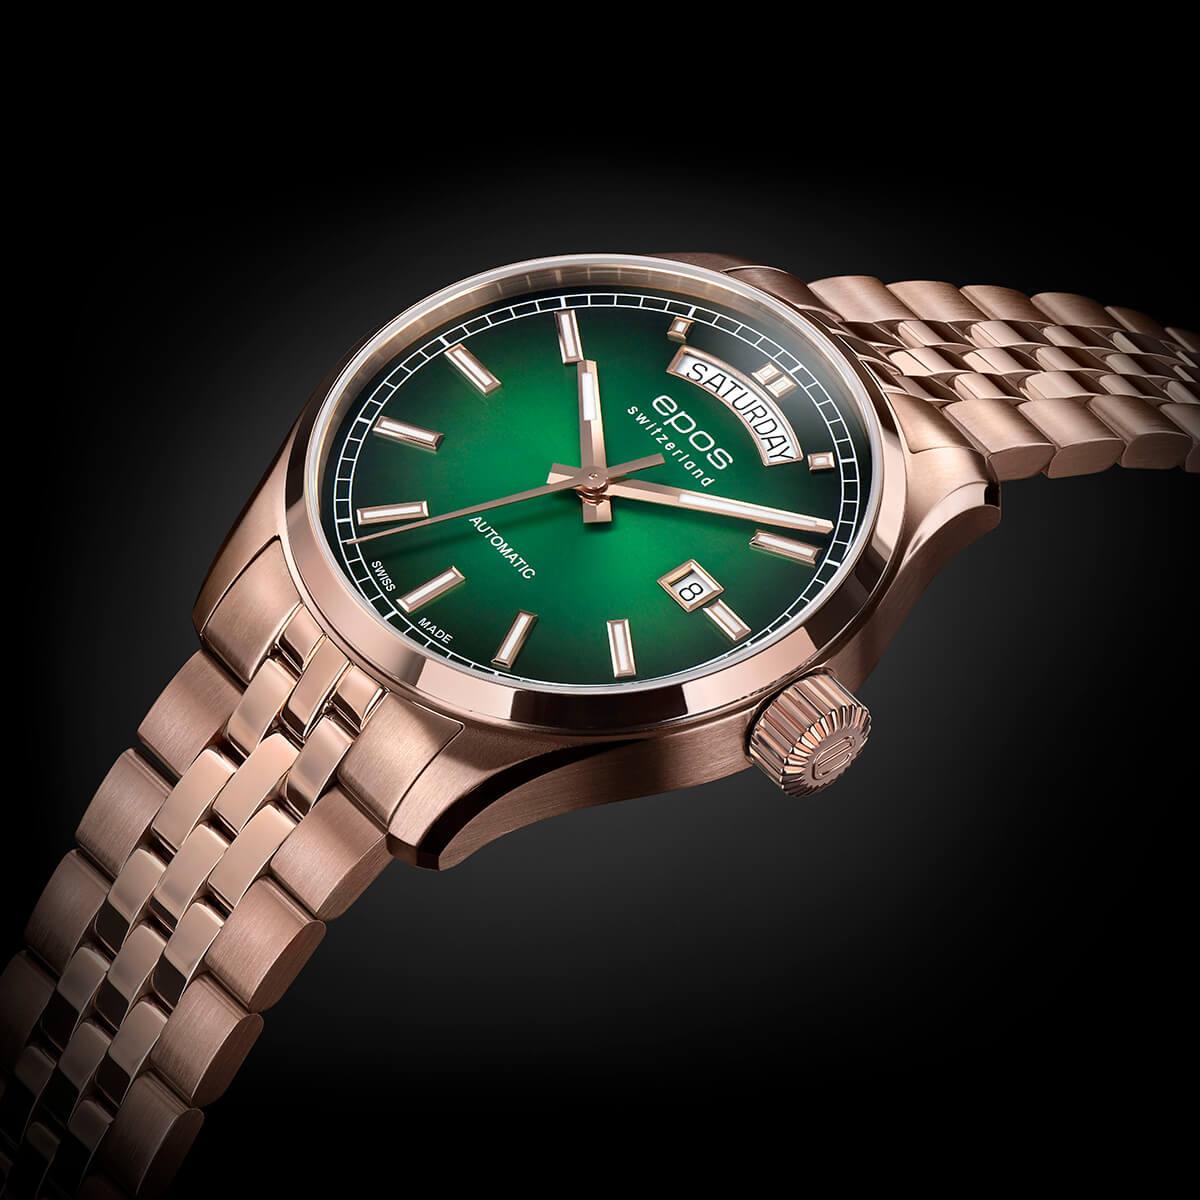 3501.142.24.93.34 zegarek męski Passion